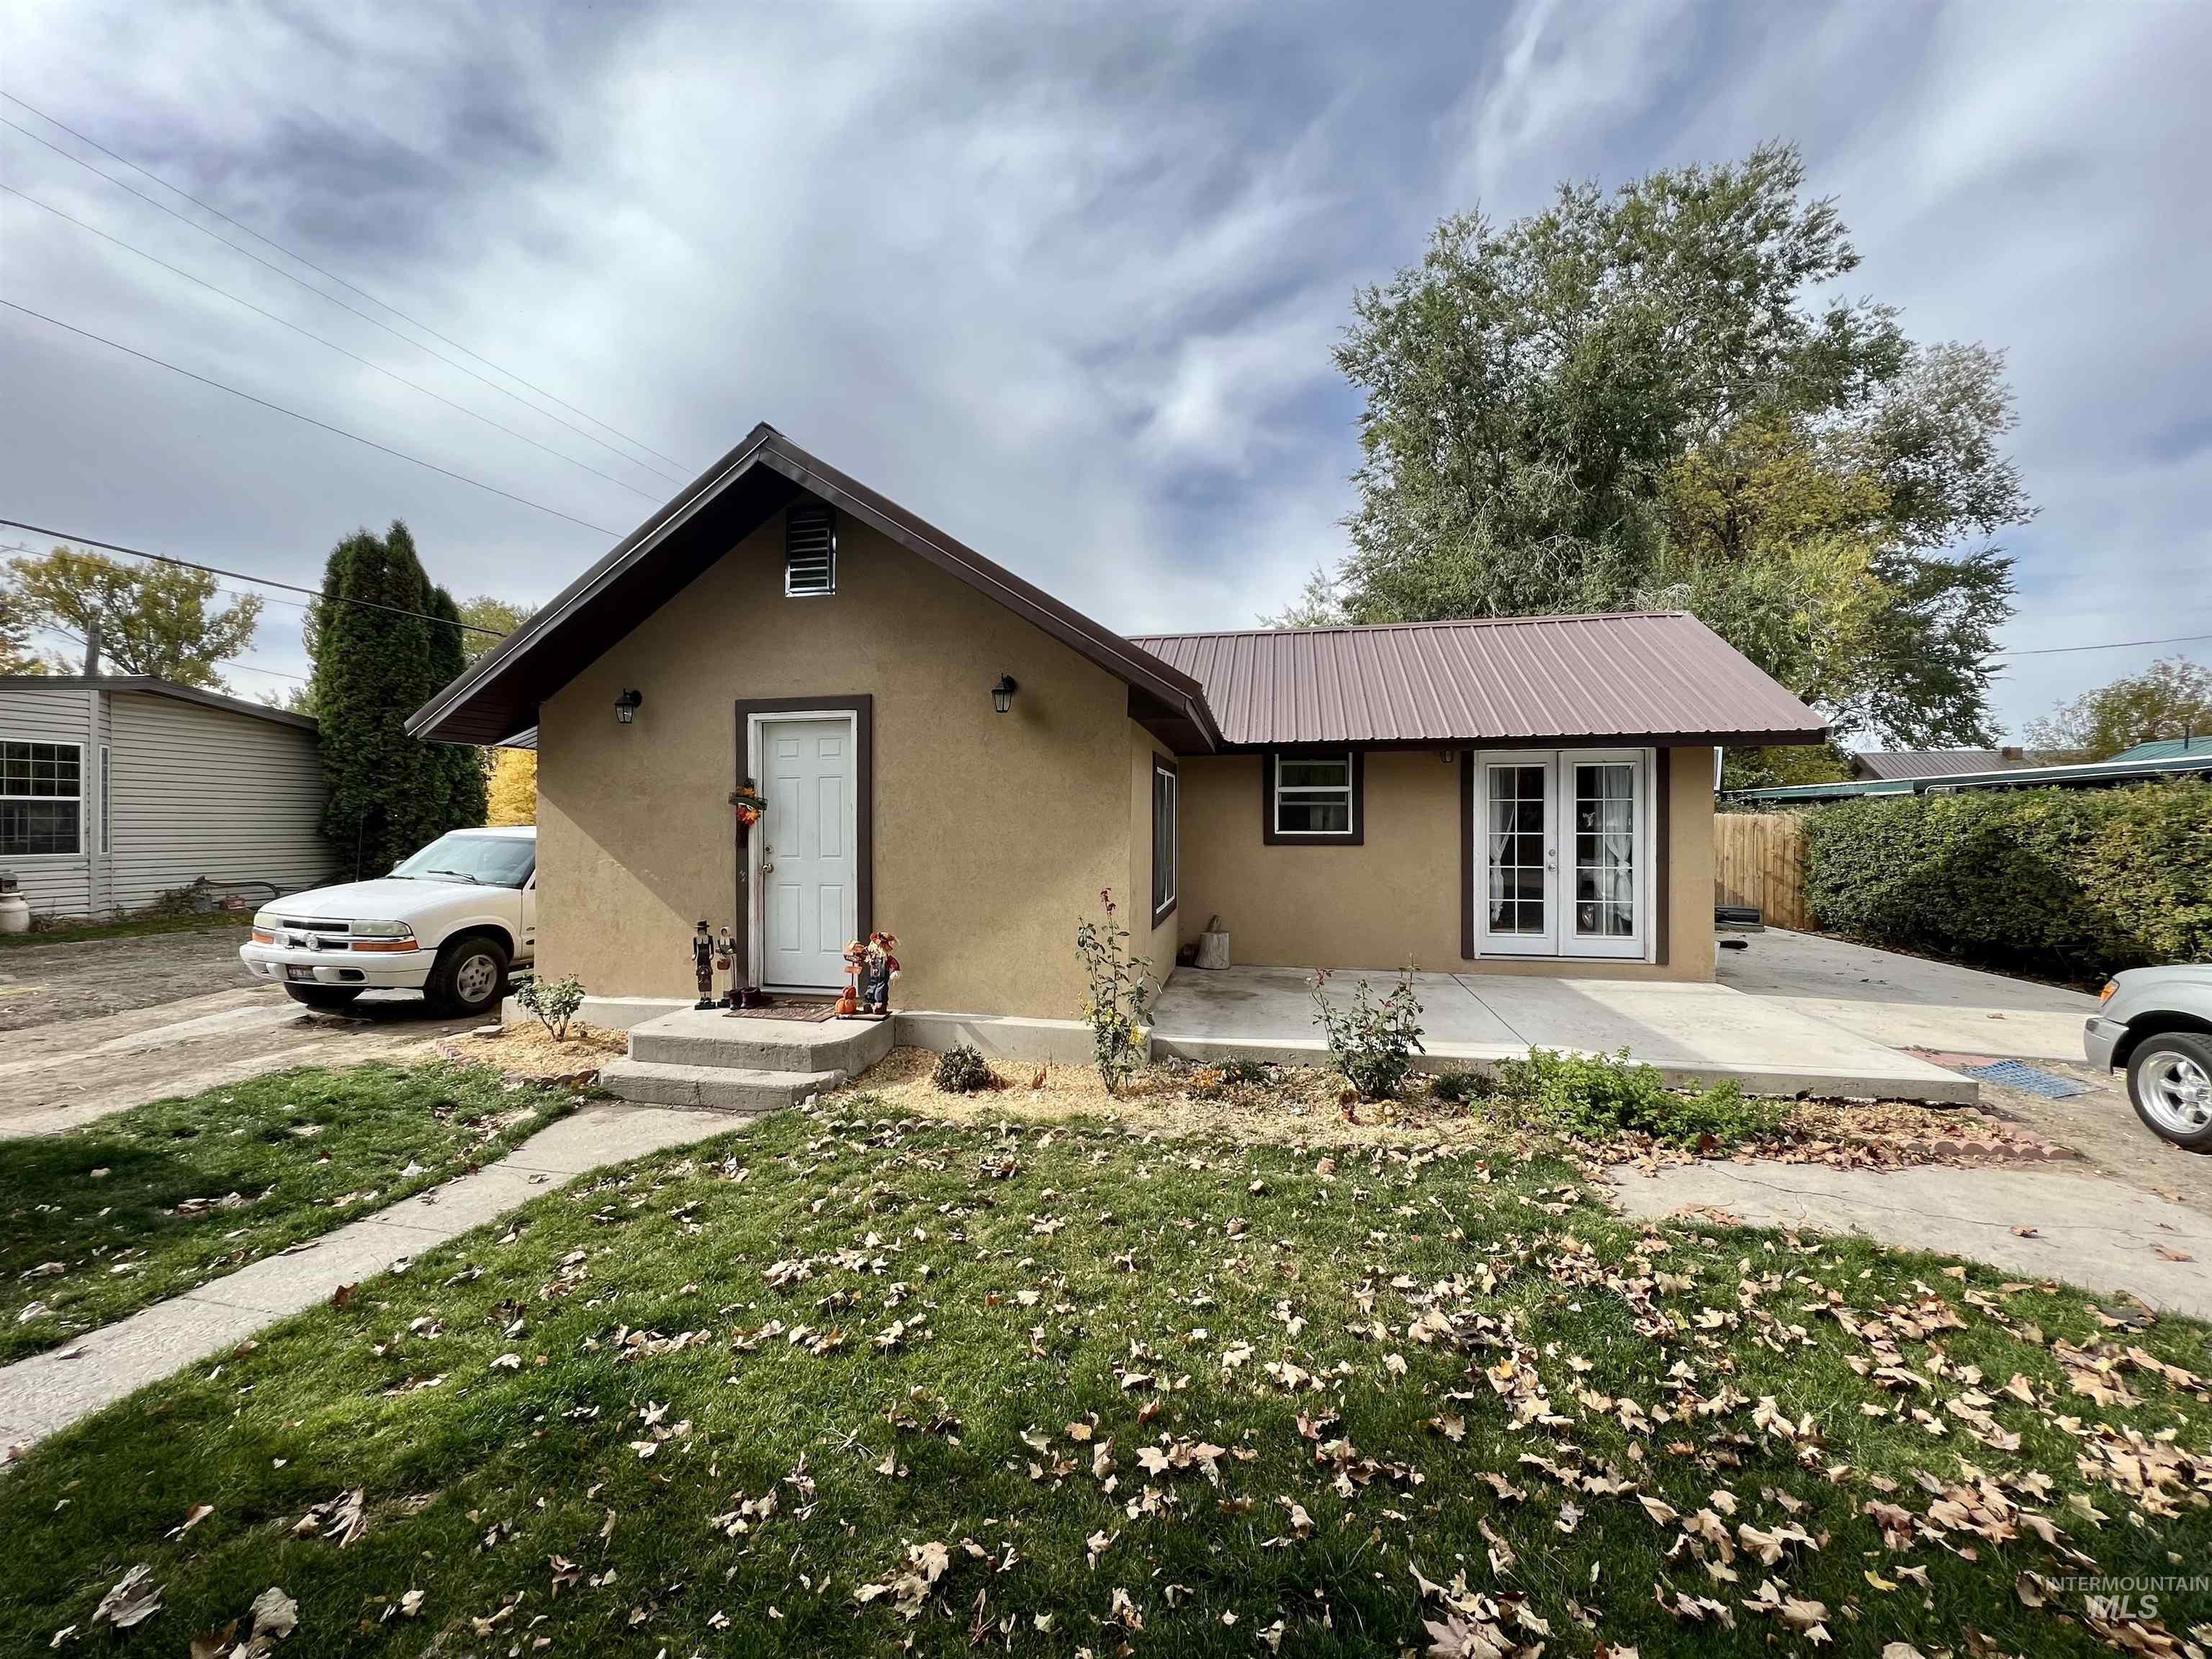 314 Lenz Ave. South Property Photo